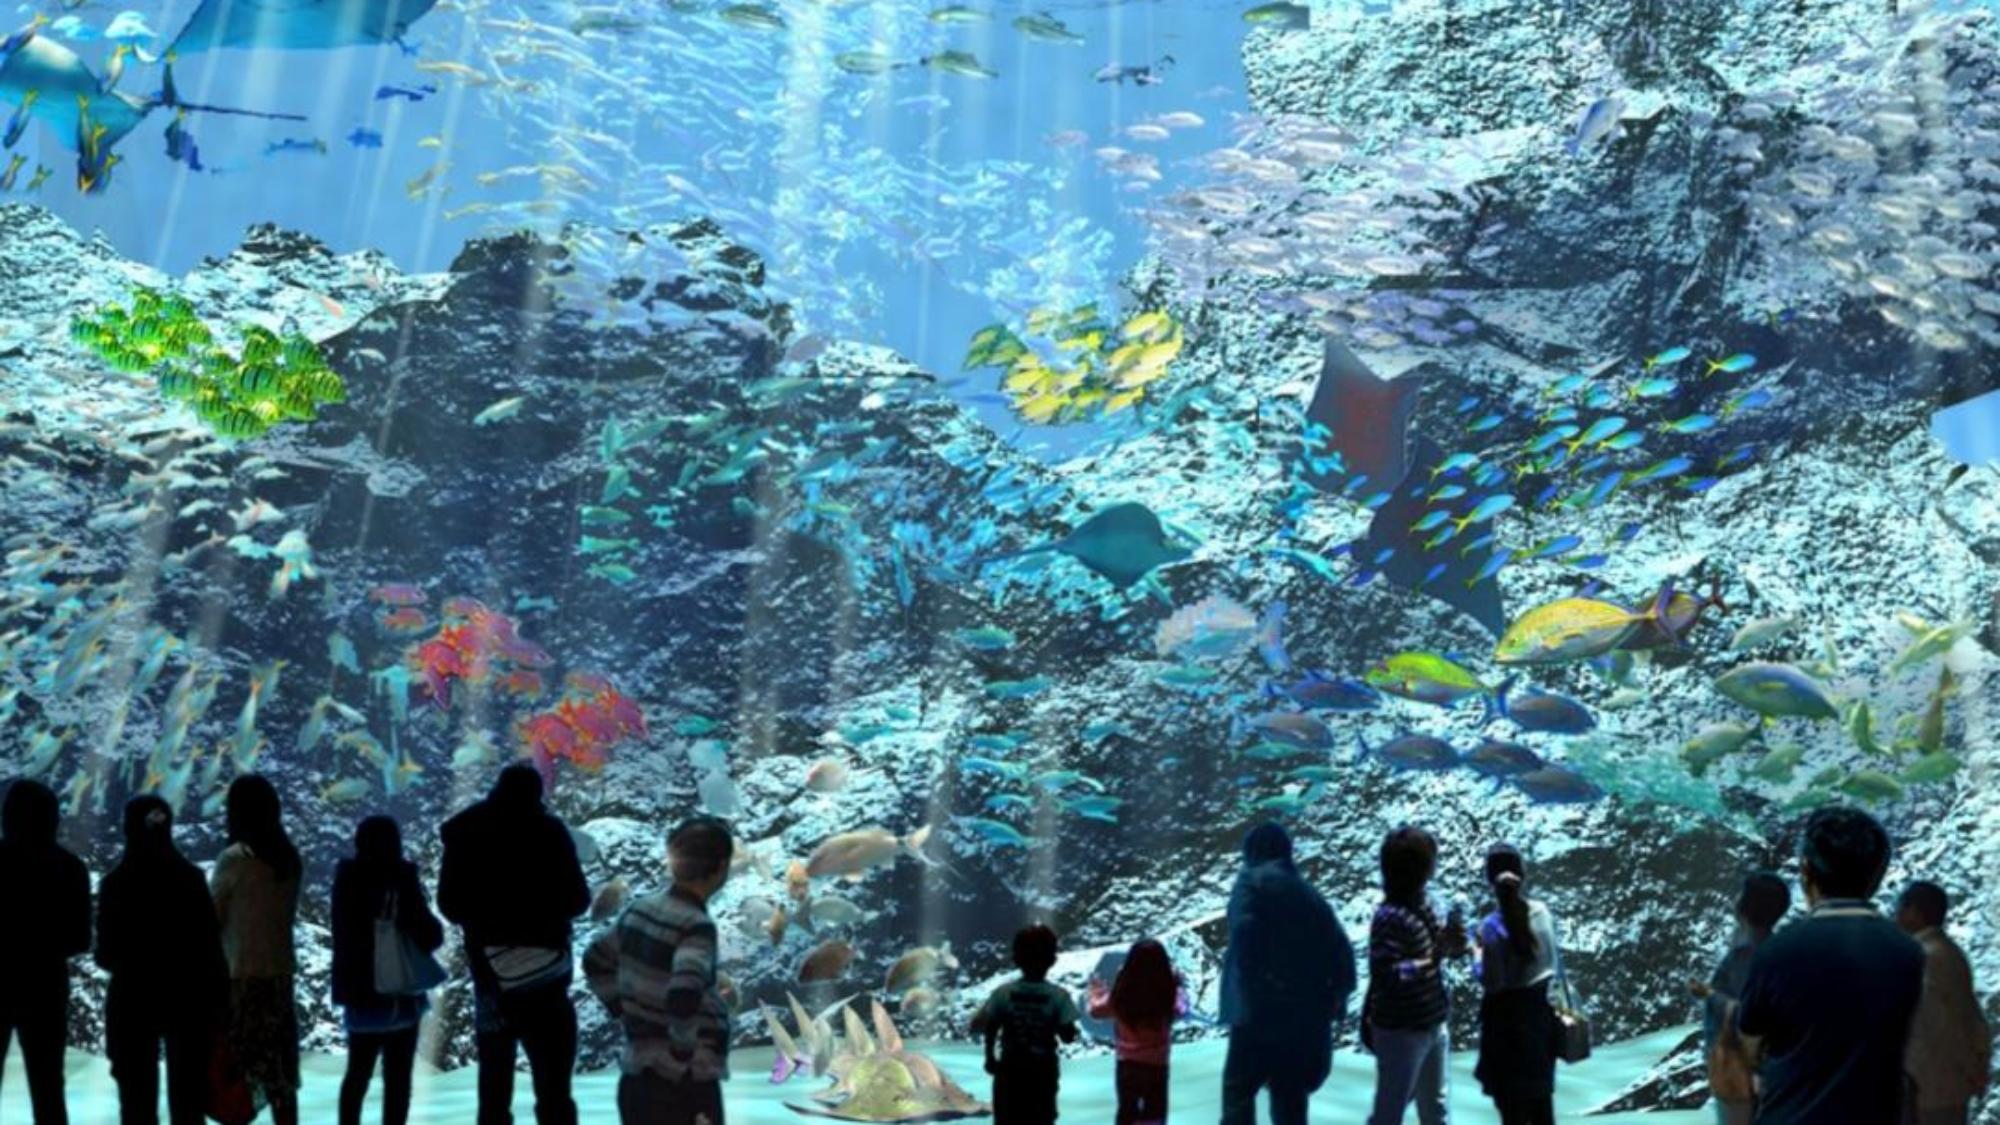 「福爾摩沙」展區以台灣海峽、巴士海峽、太平洋及東海包圍的台灣豐富魚種生態為主題,帶你彷彿走進海中,一睹壯闊之美!(圖/翻攝自X park官網)